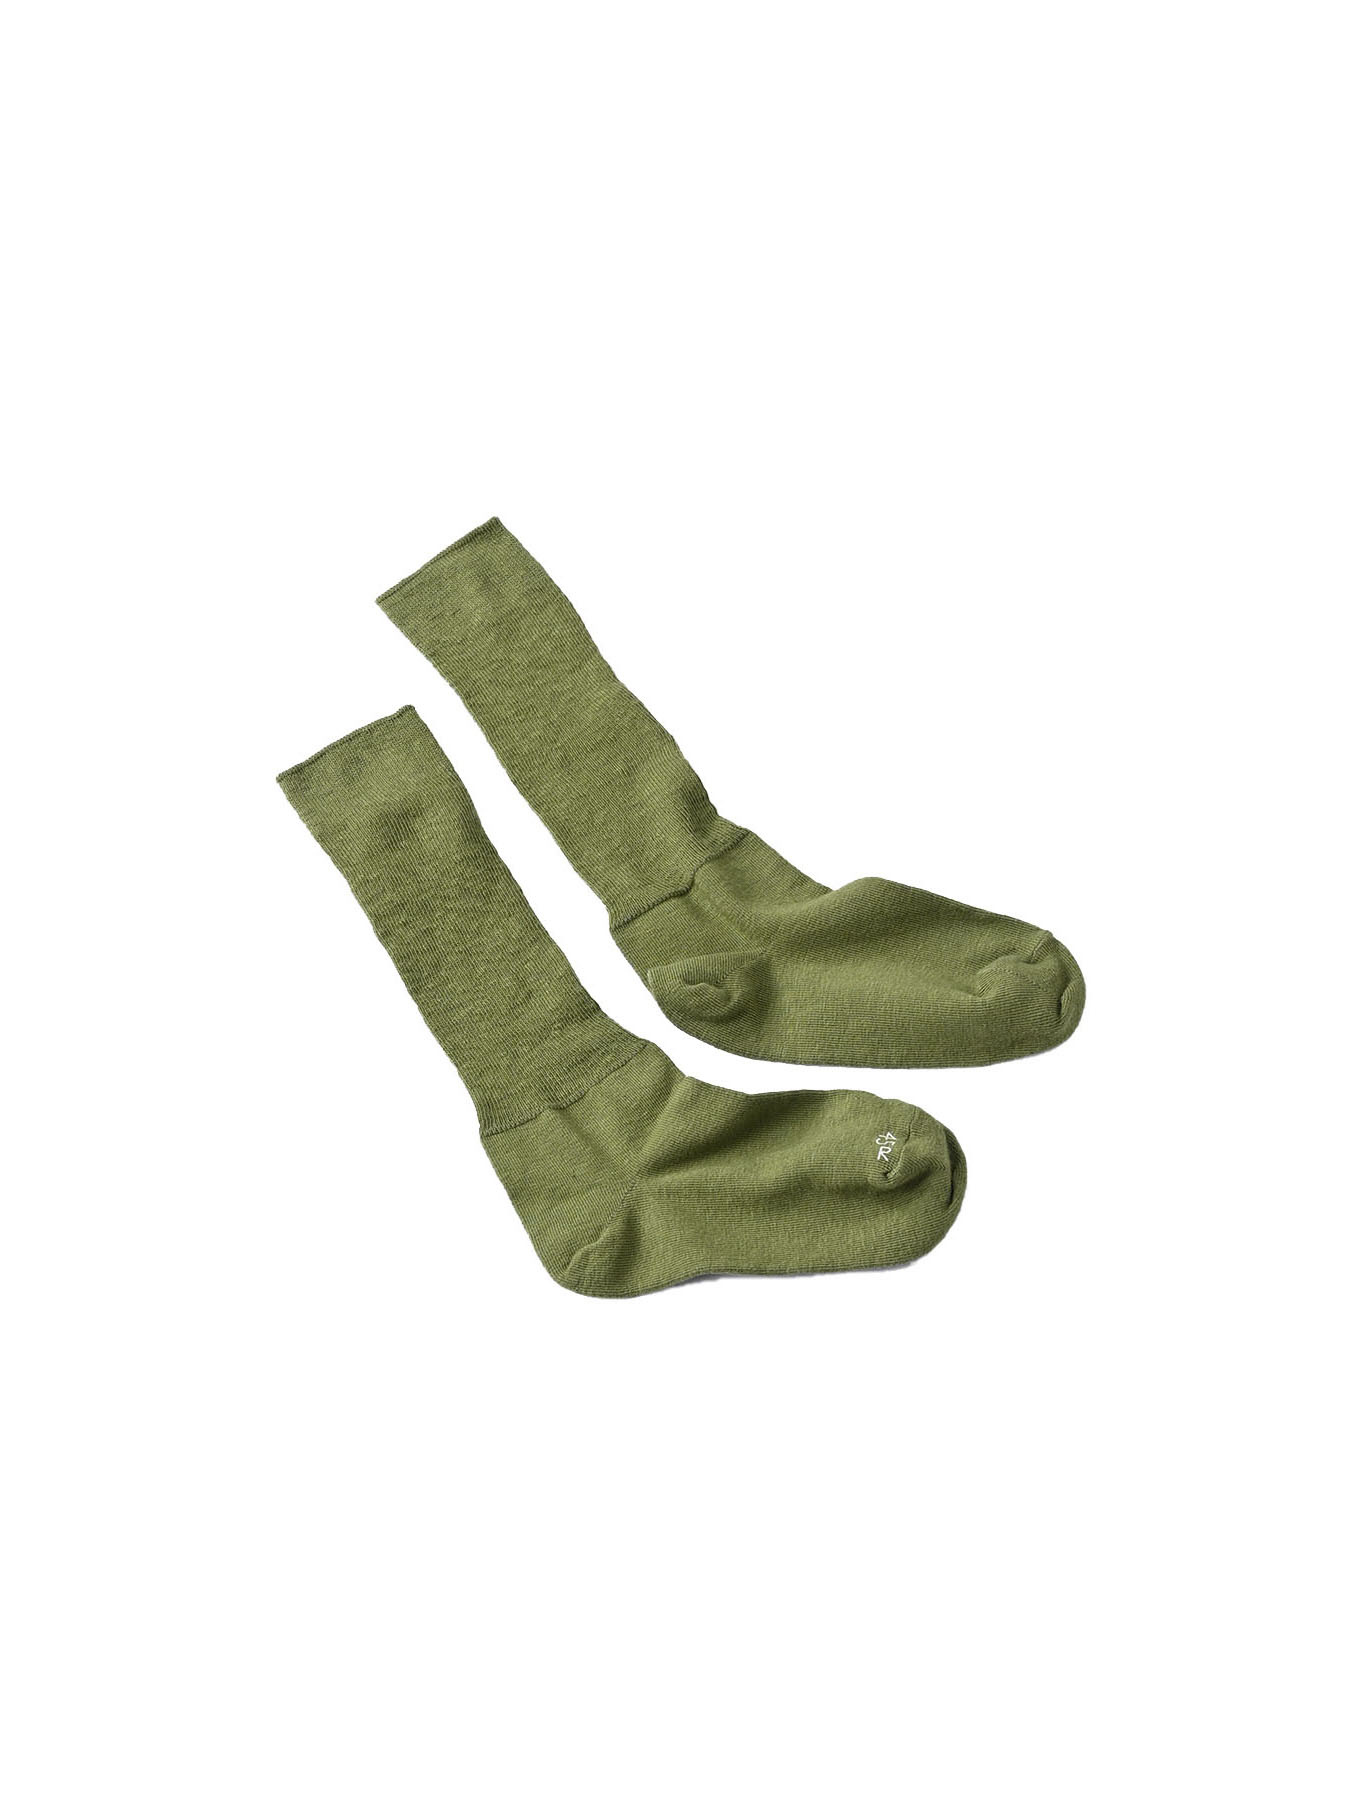 Piece-dyed 45 Star Socks-5